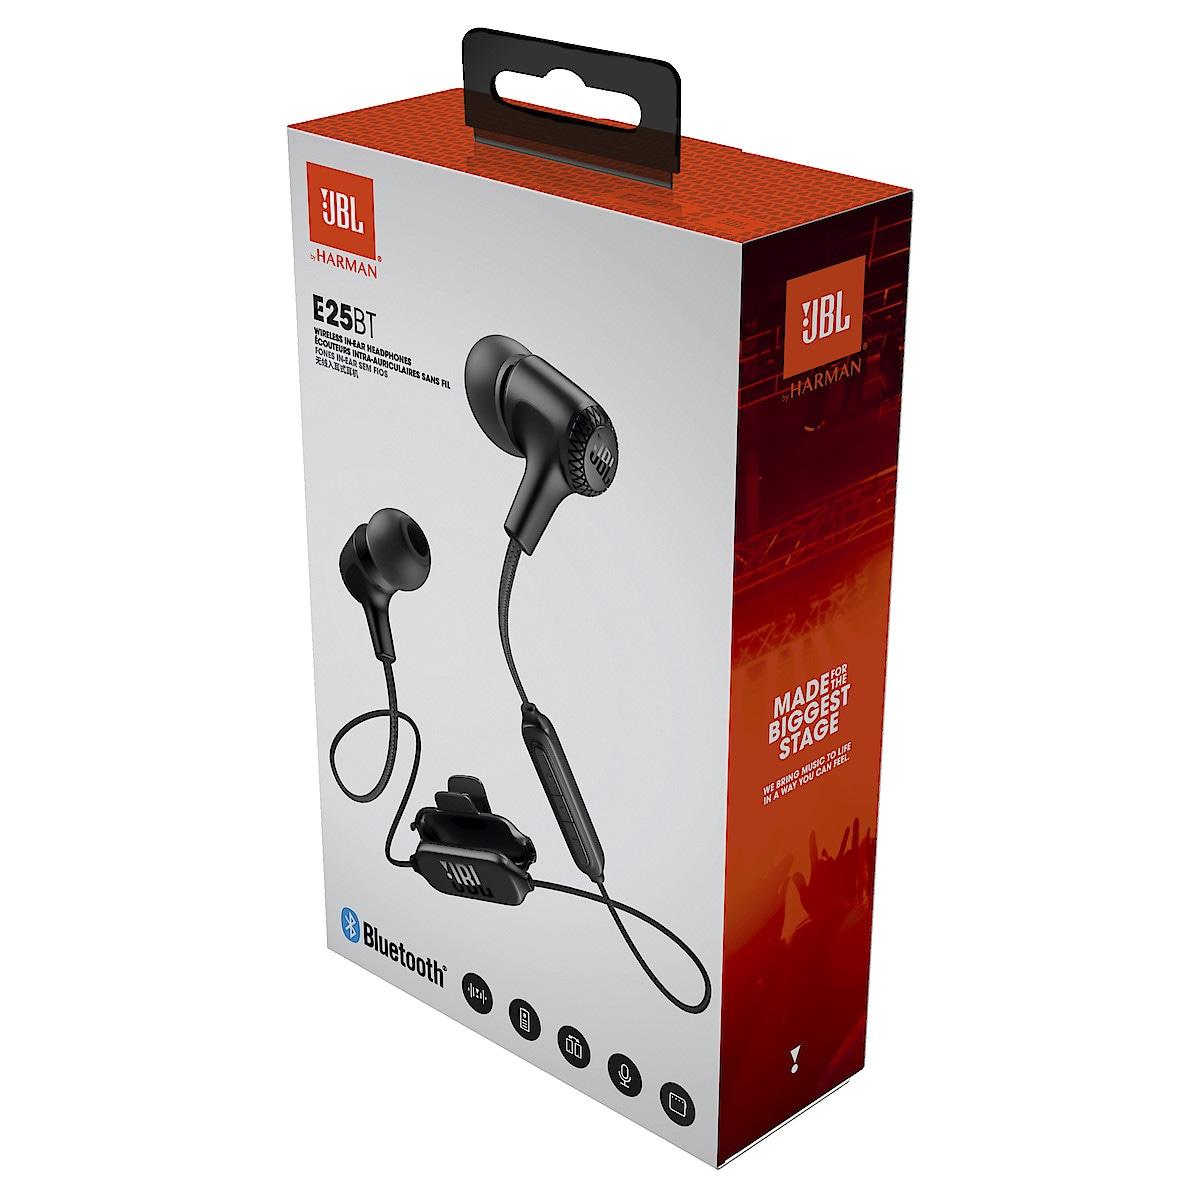 Trådlösa hörlurar med mikrofon JBL E25BT